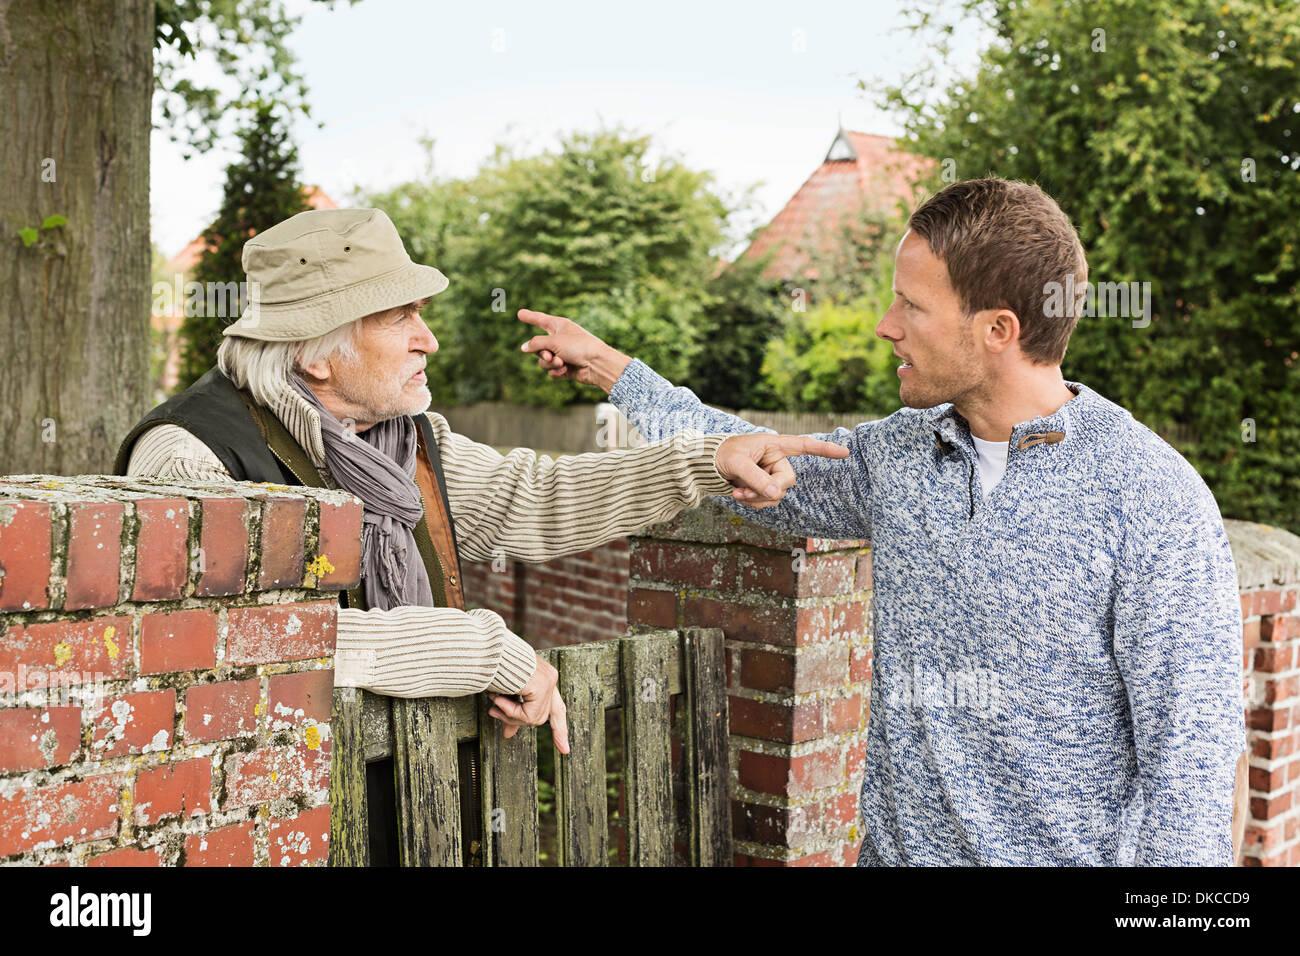 Hombre Senior y mitad hombre adulto argumentando Imagen De Stock